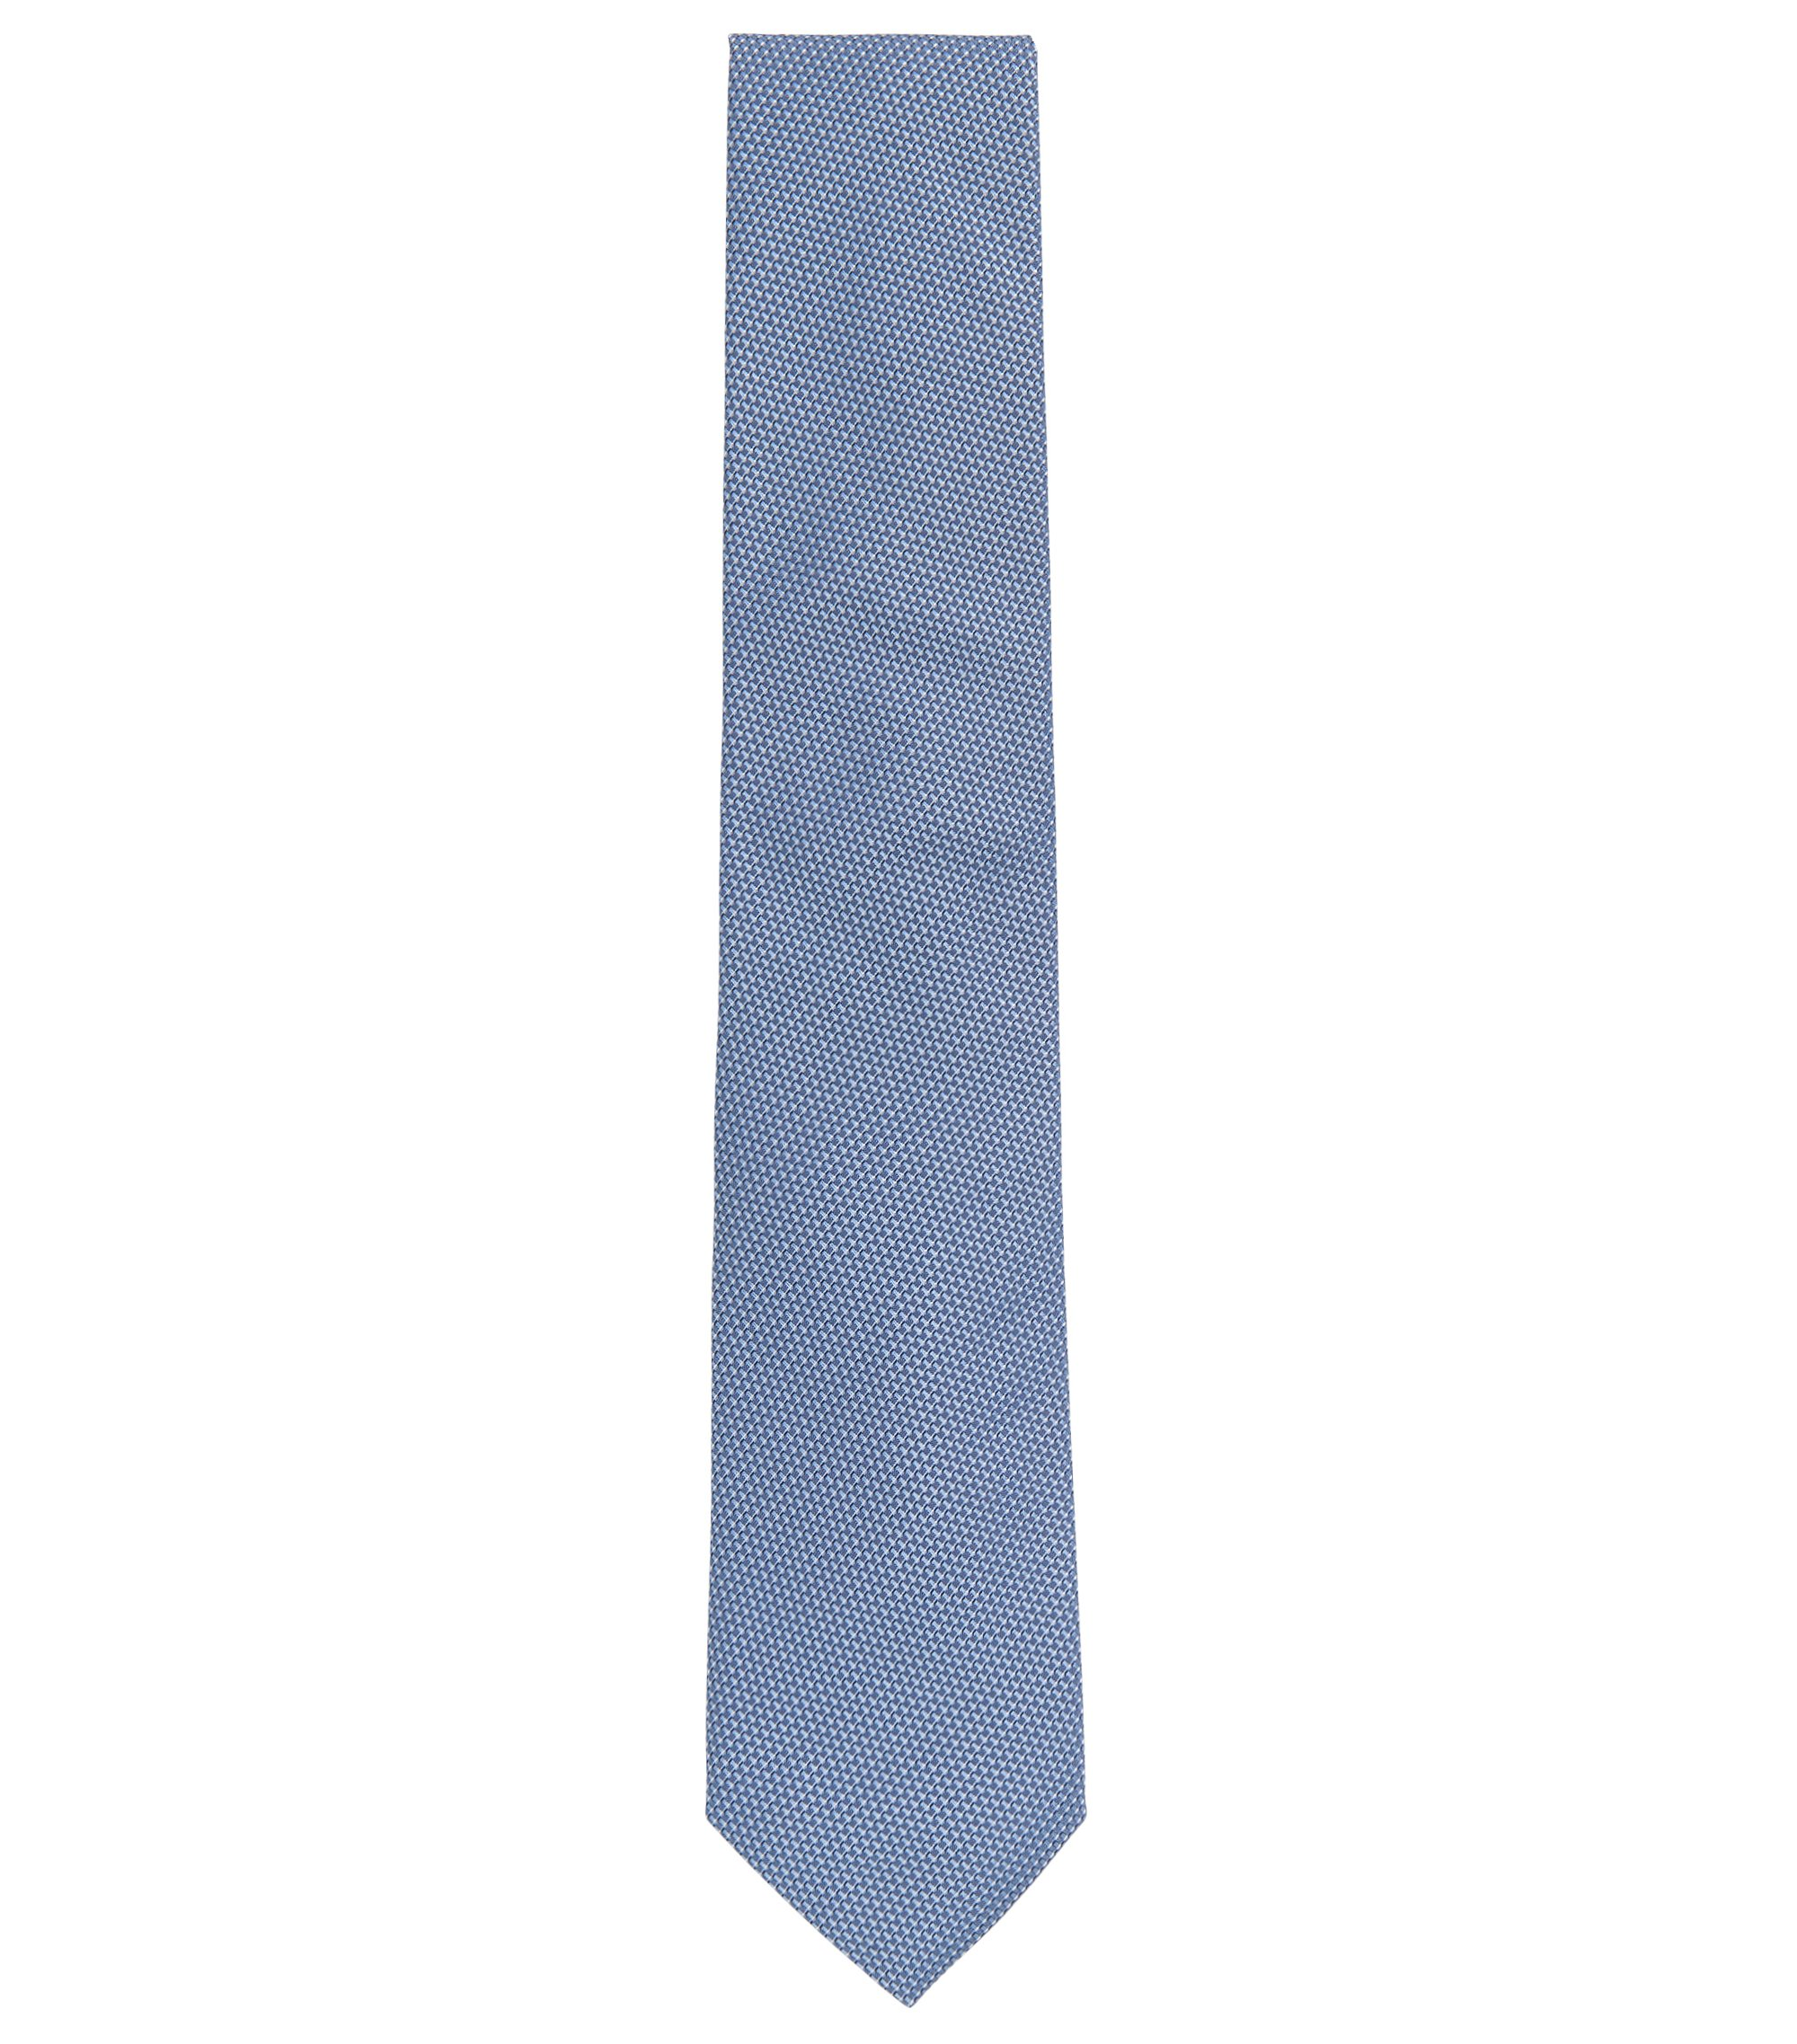 Cravate en jacquard de soie italienne à micro-motif, Bleu